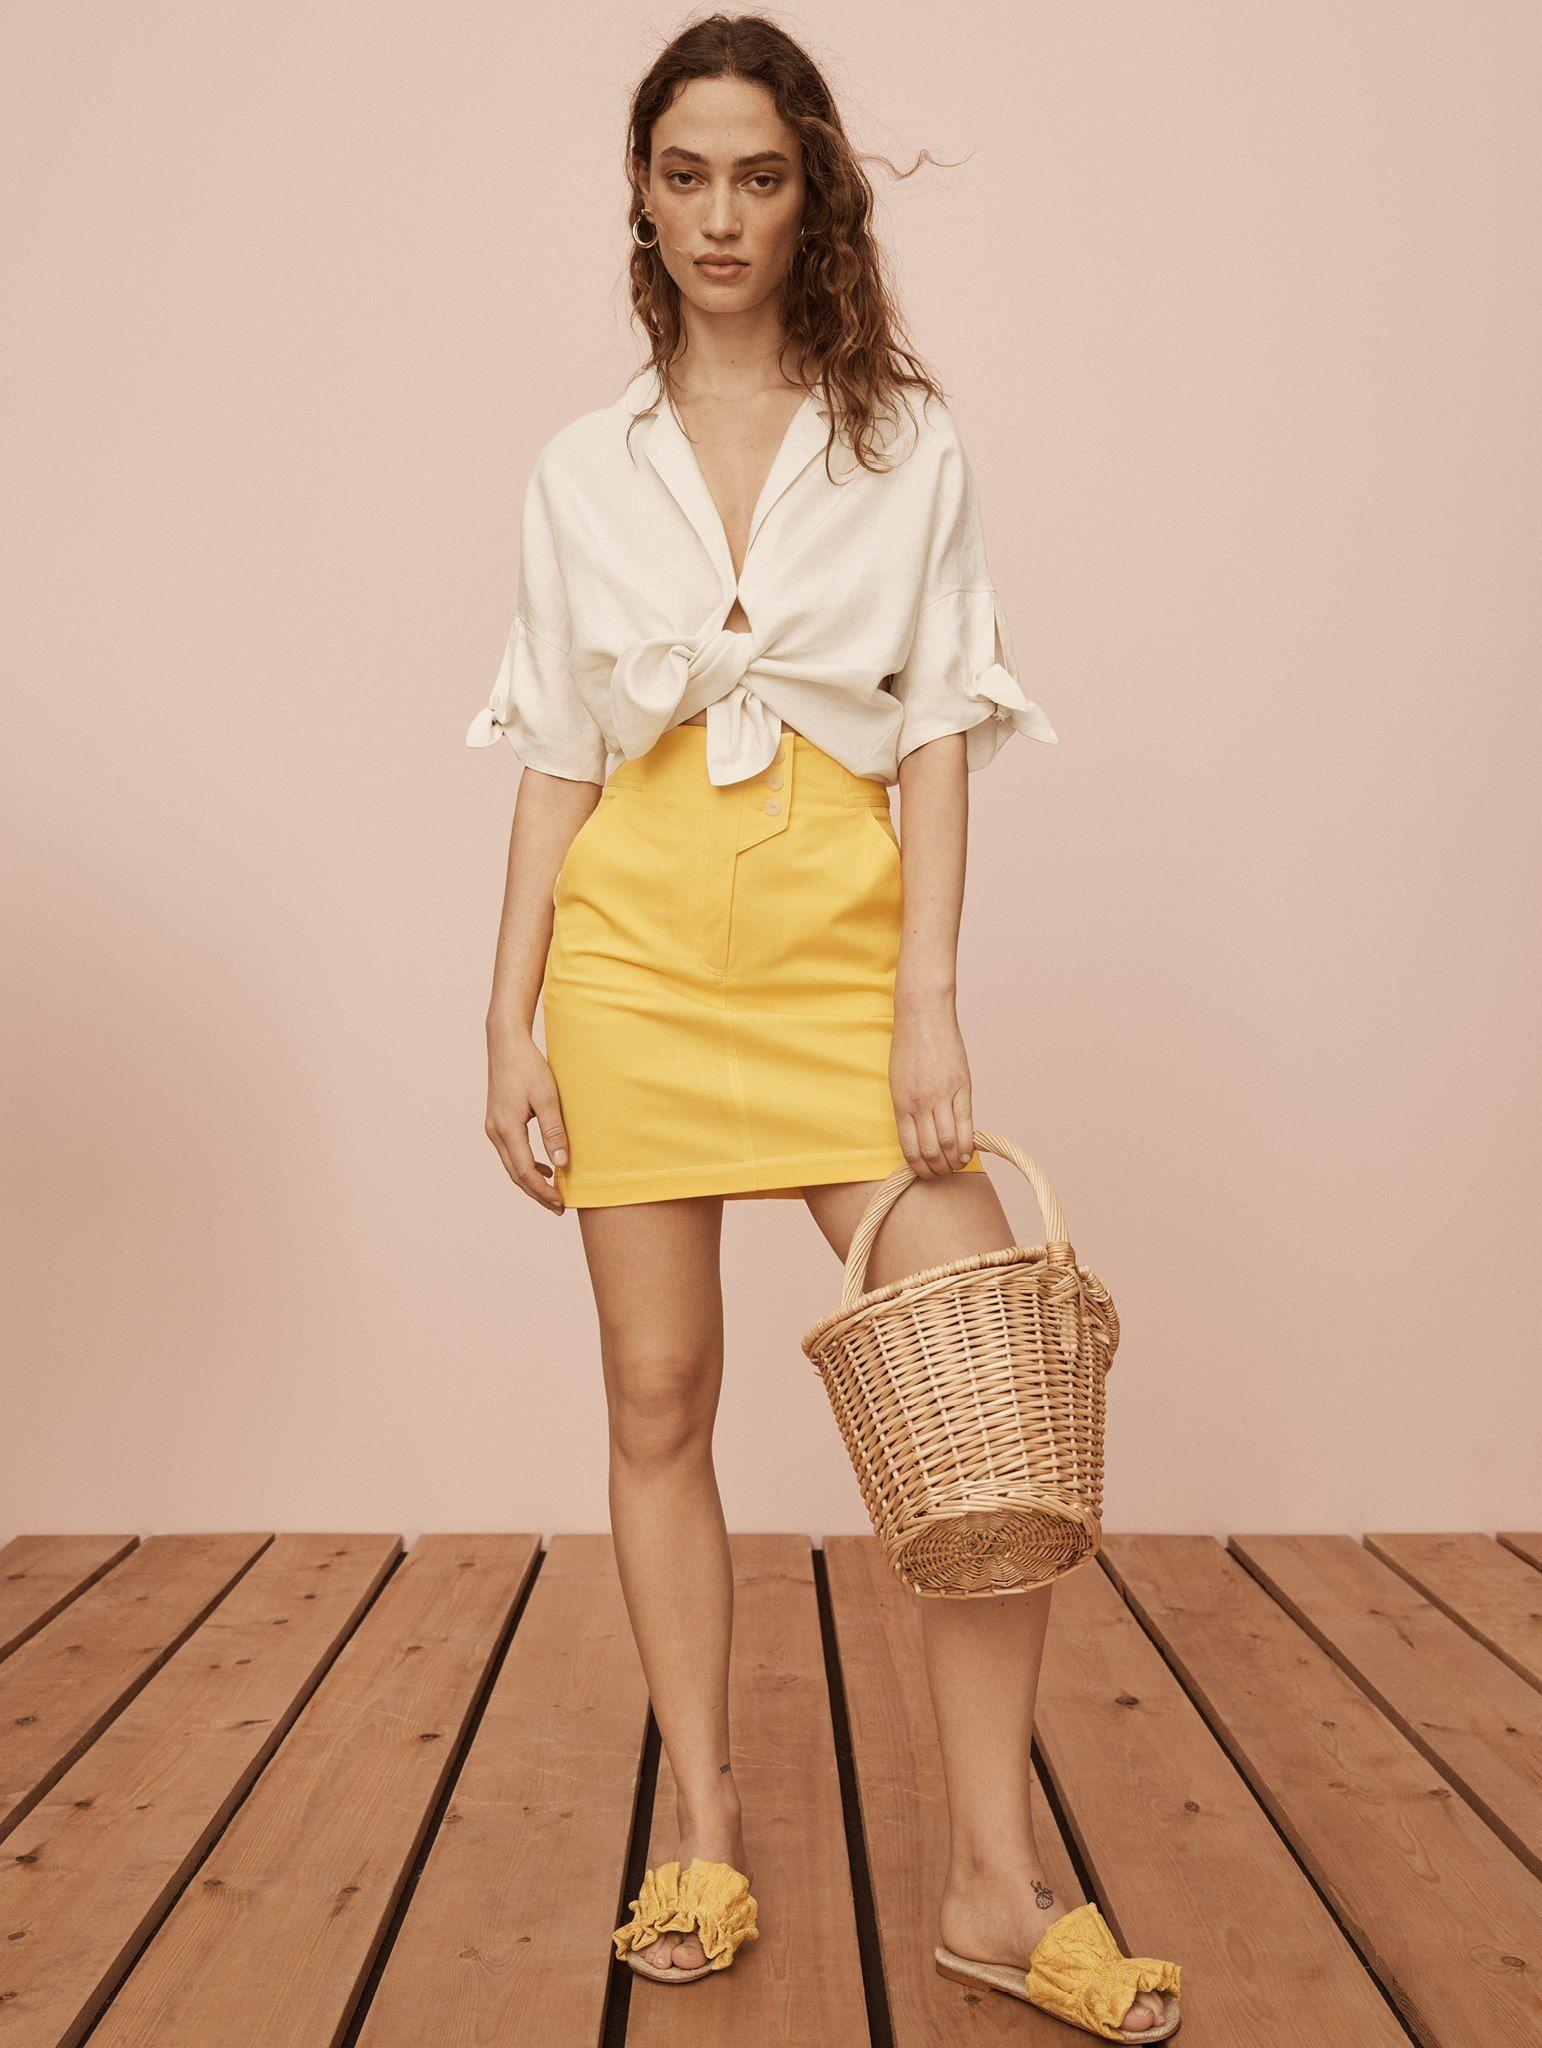 Forum on this topic: Mangos journey towards sustainable fashion, mangos-journey-towards-sustainable-fashion/